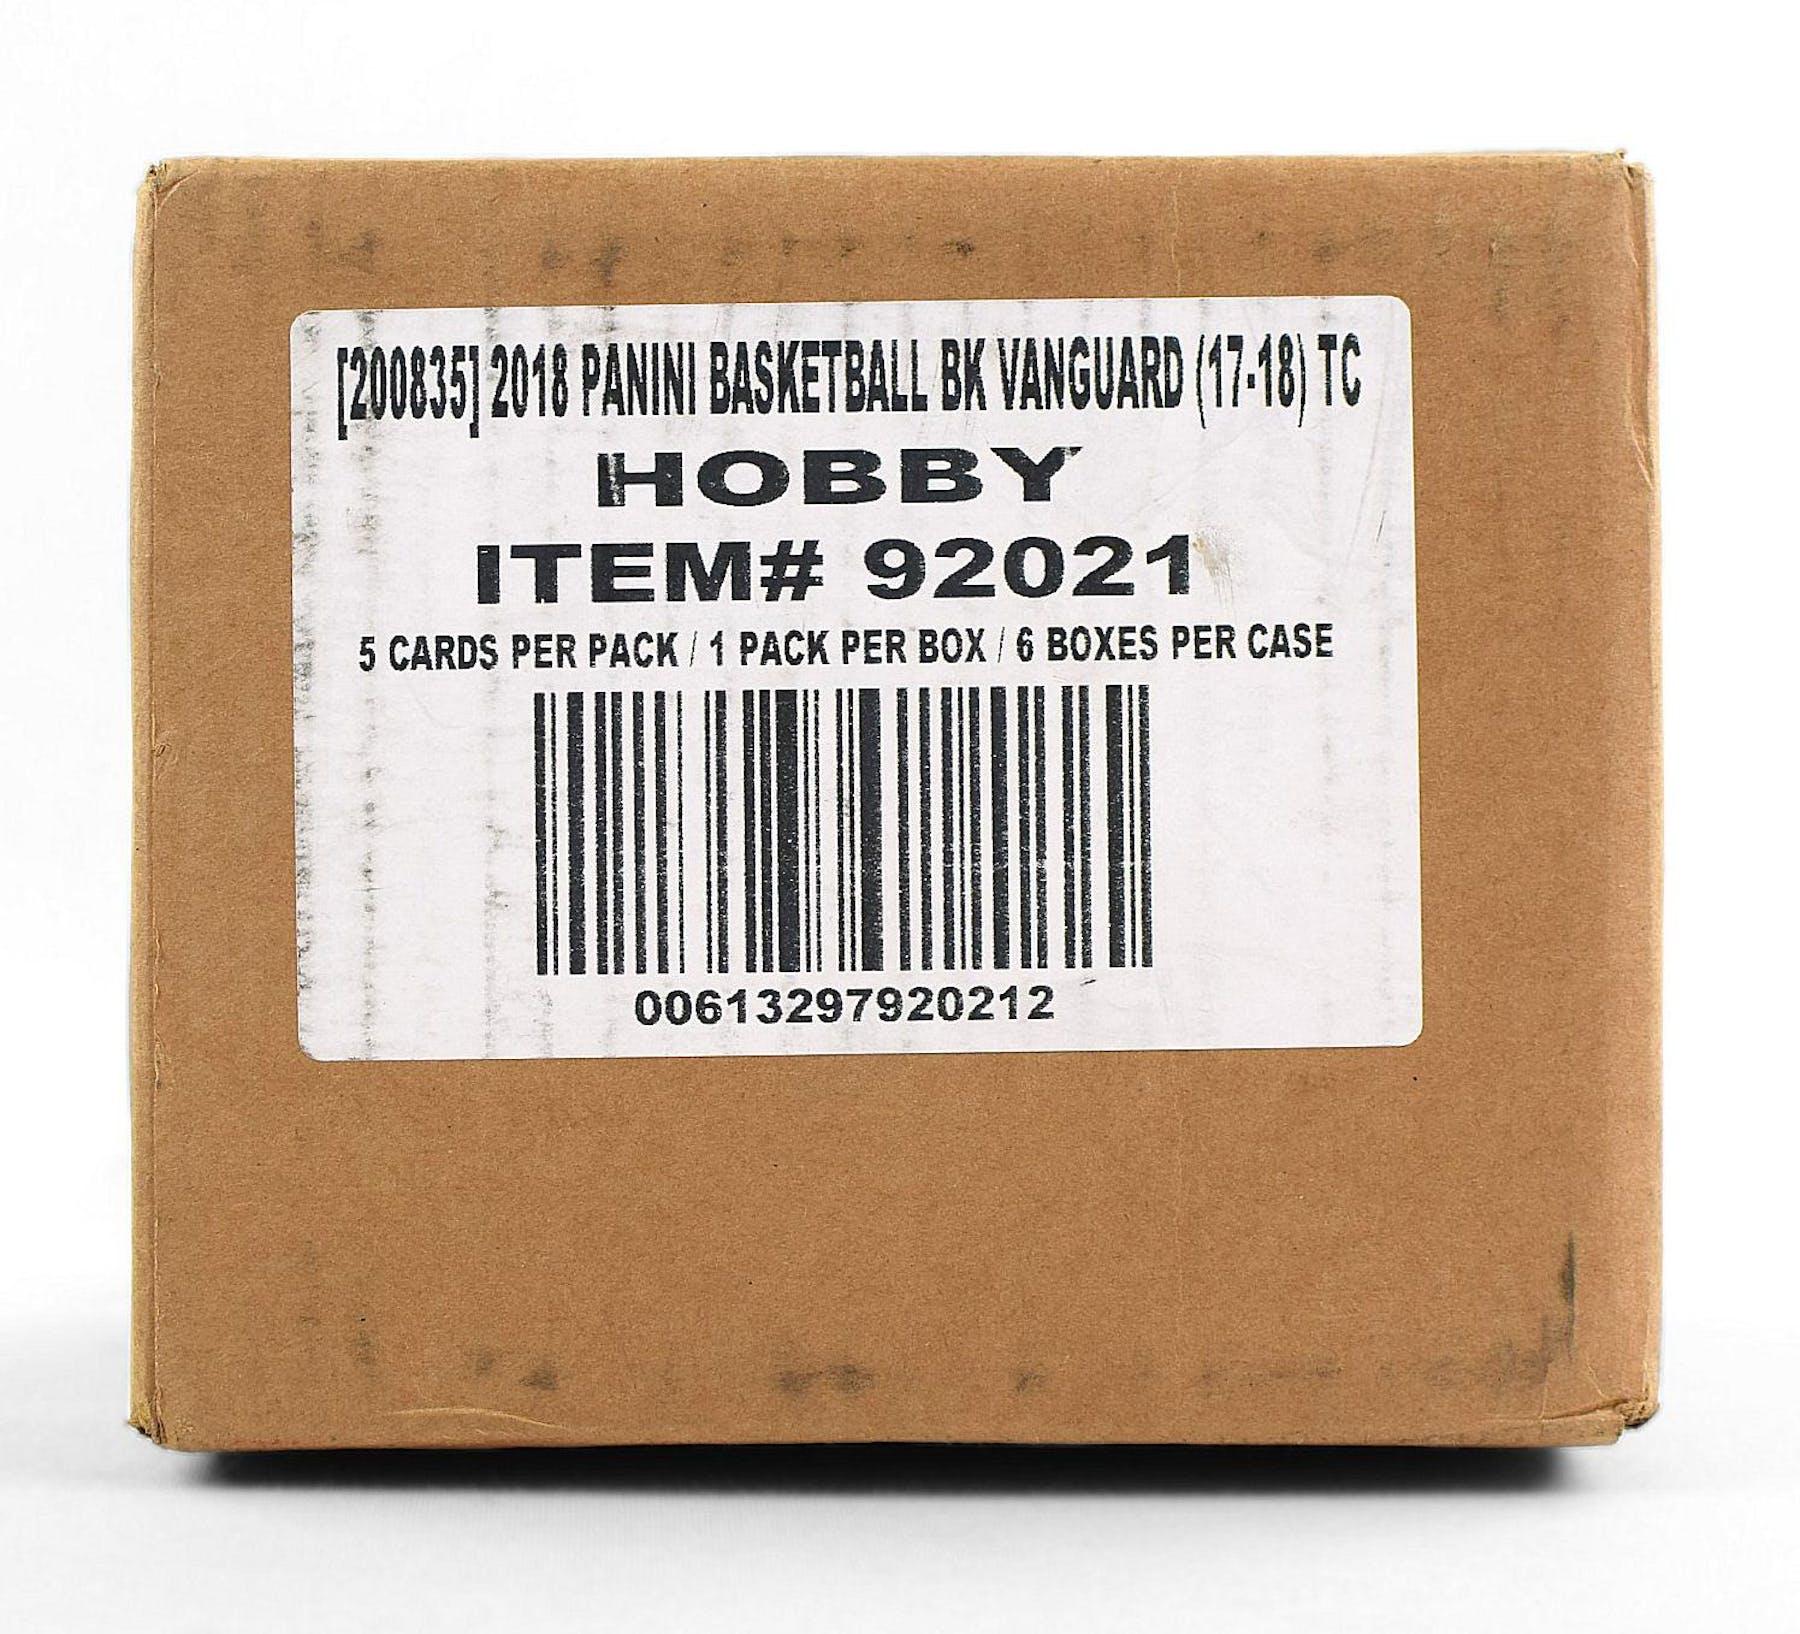 2017/18 Panini Vanguard Basketball Hobby 6-Box Case